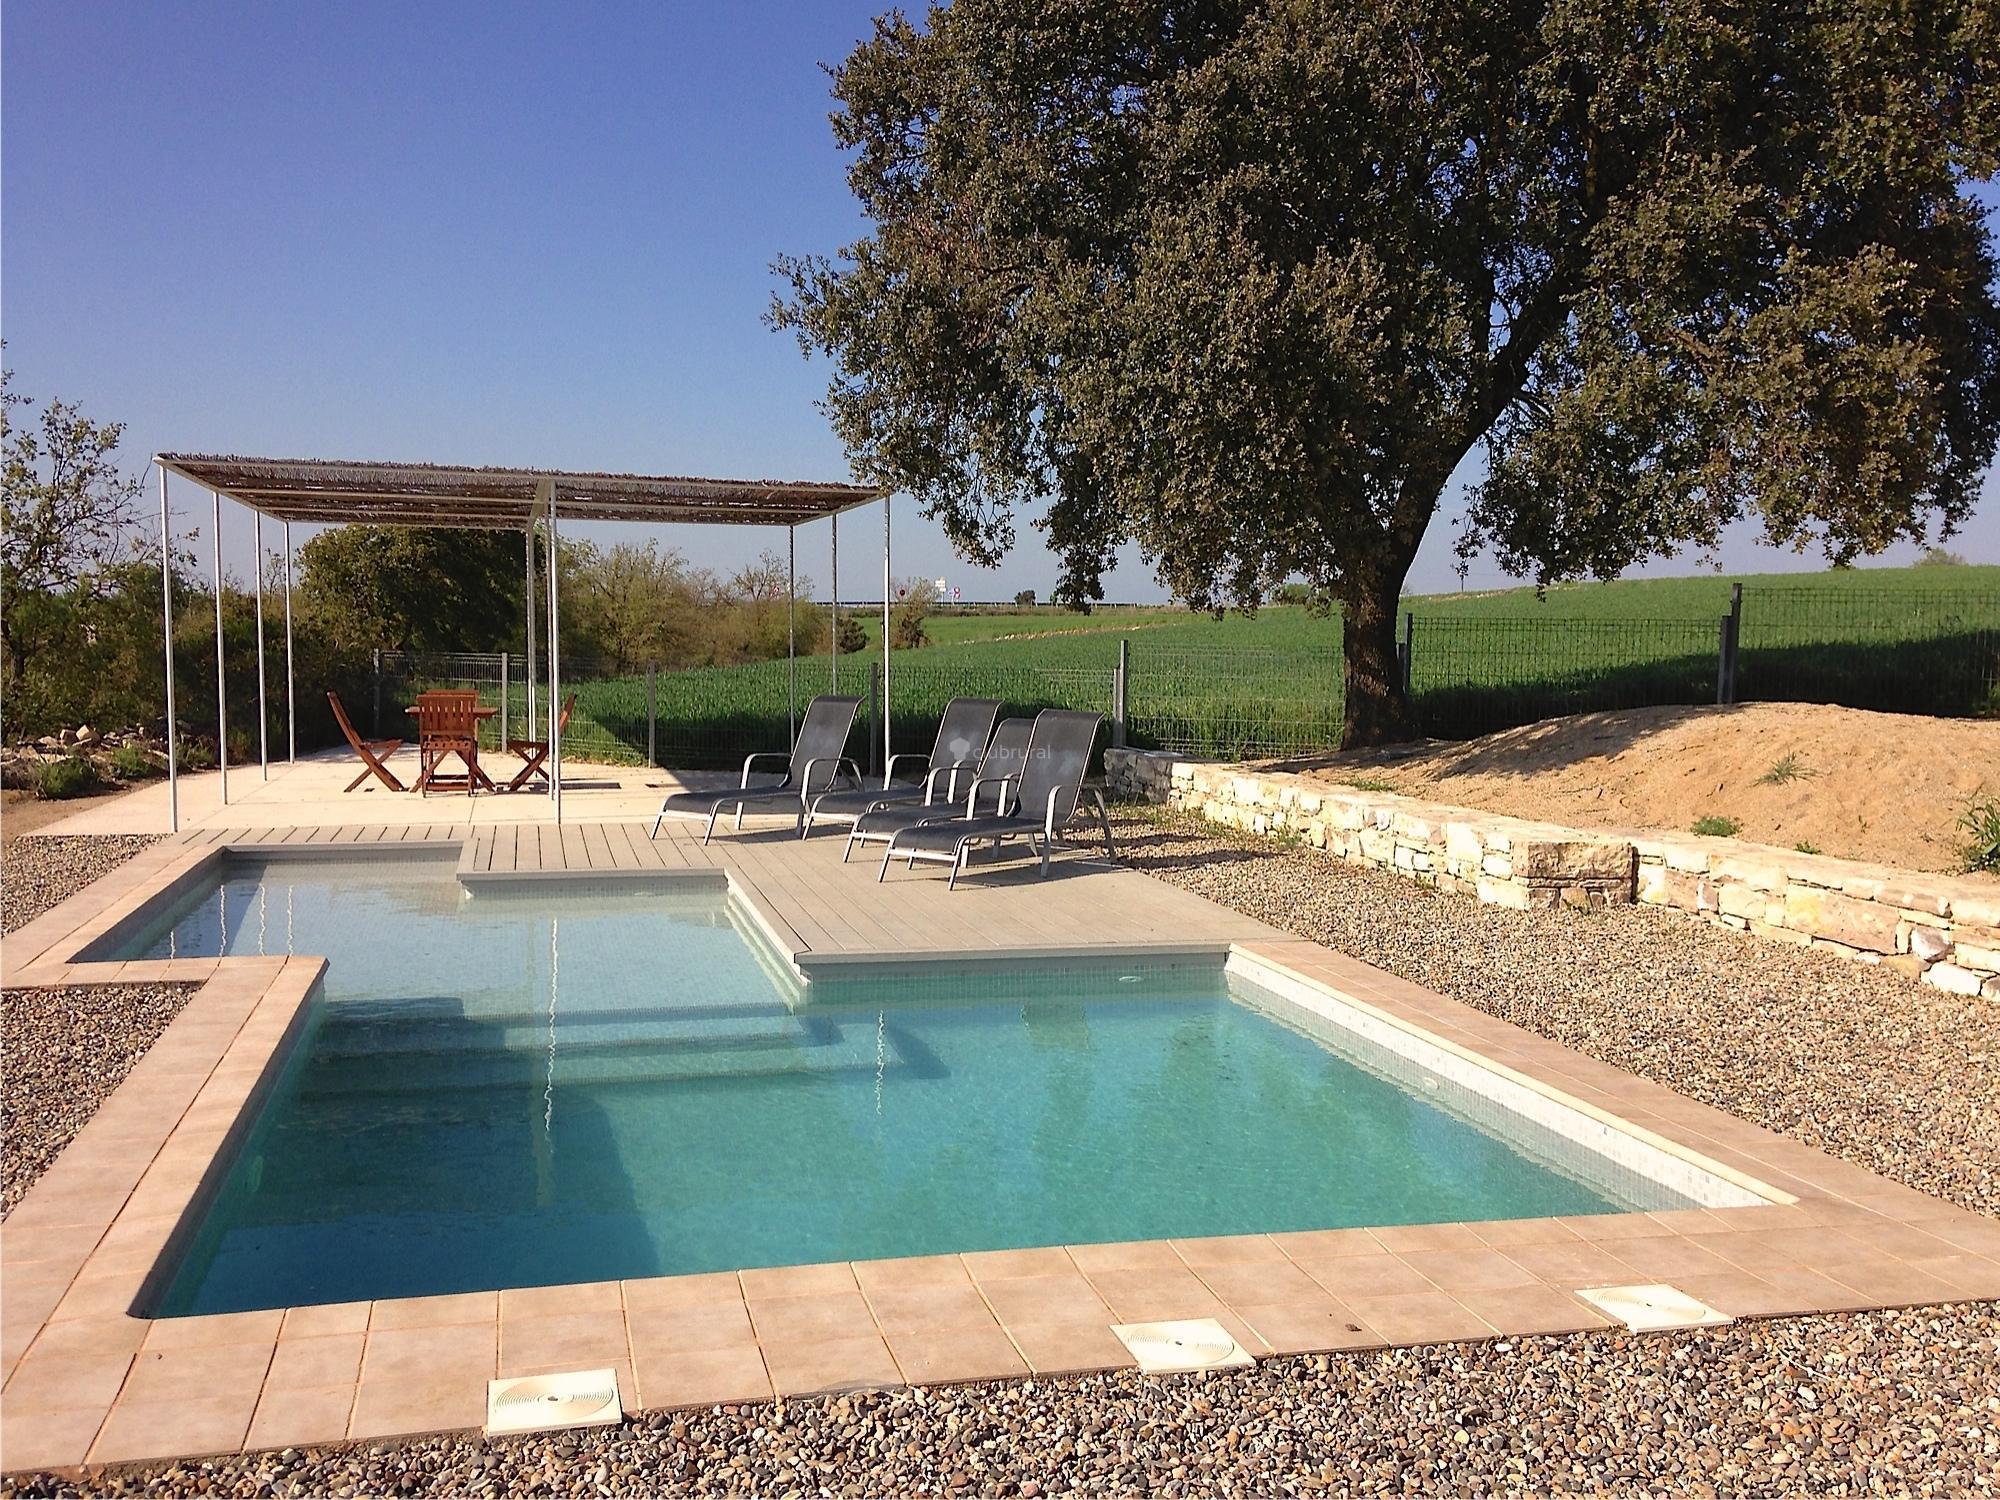 Fotos de torre de mejanell lleida estaras clubrural - Casas rurales lleida piscina ...